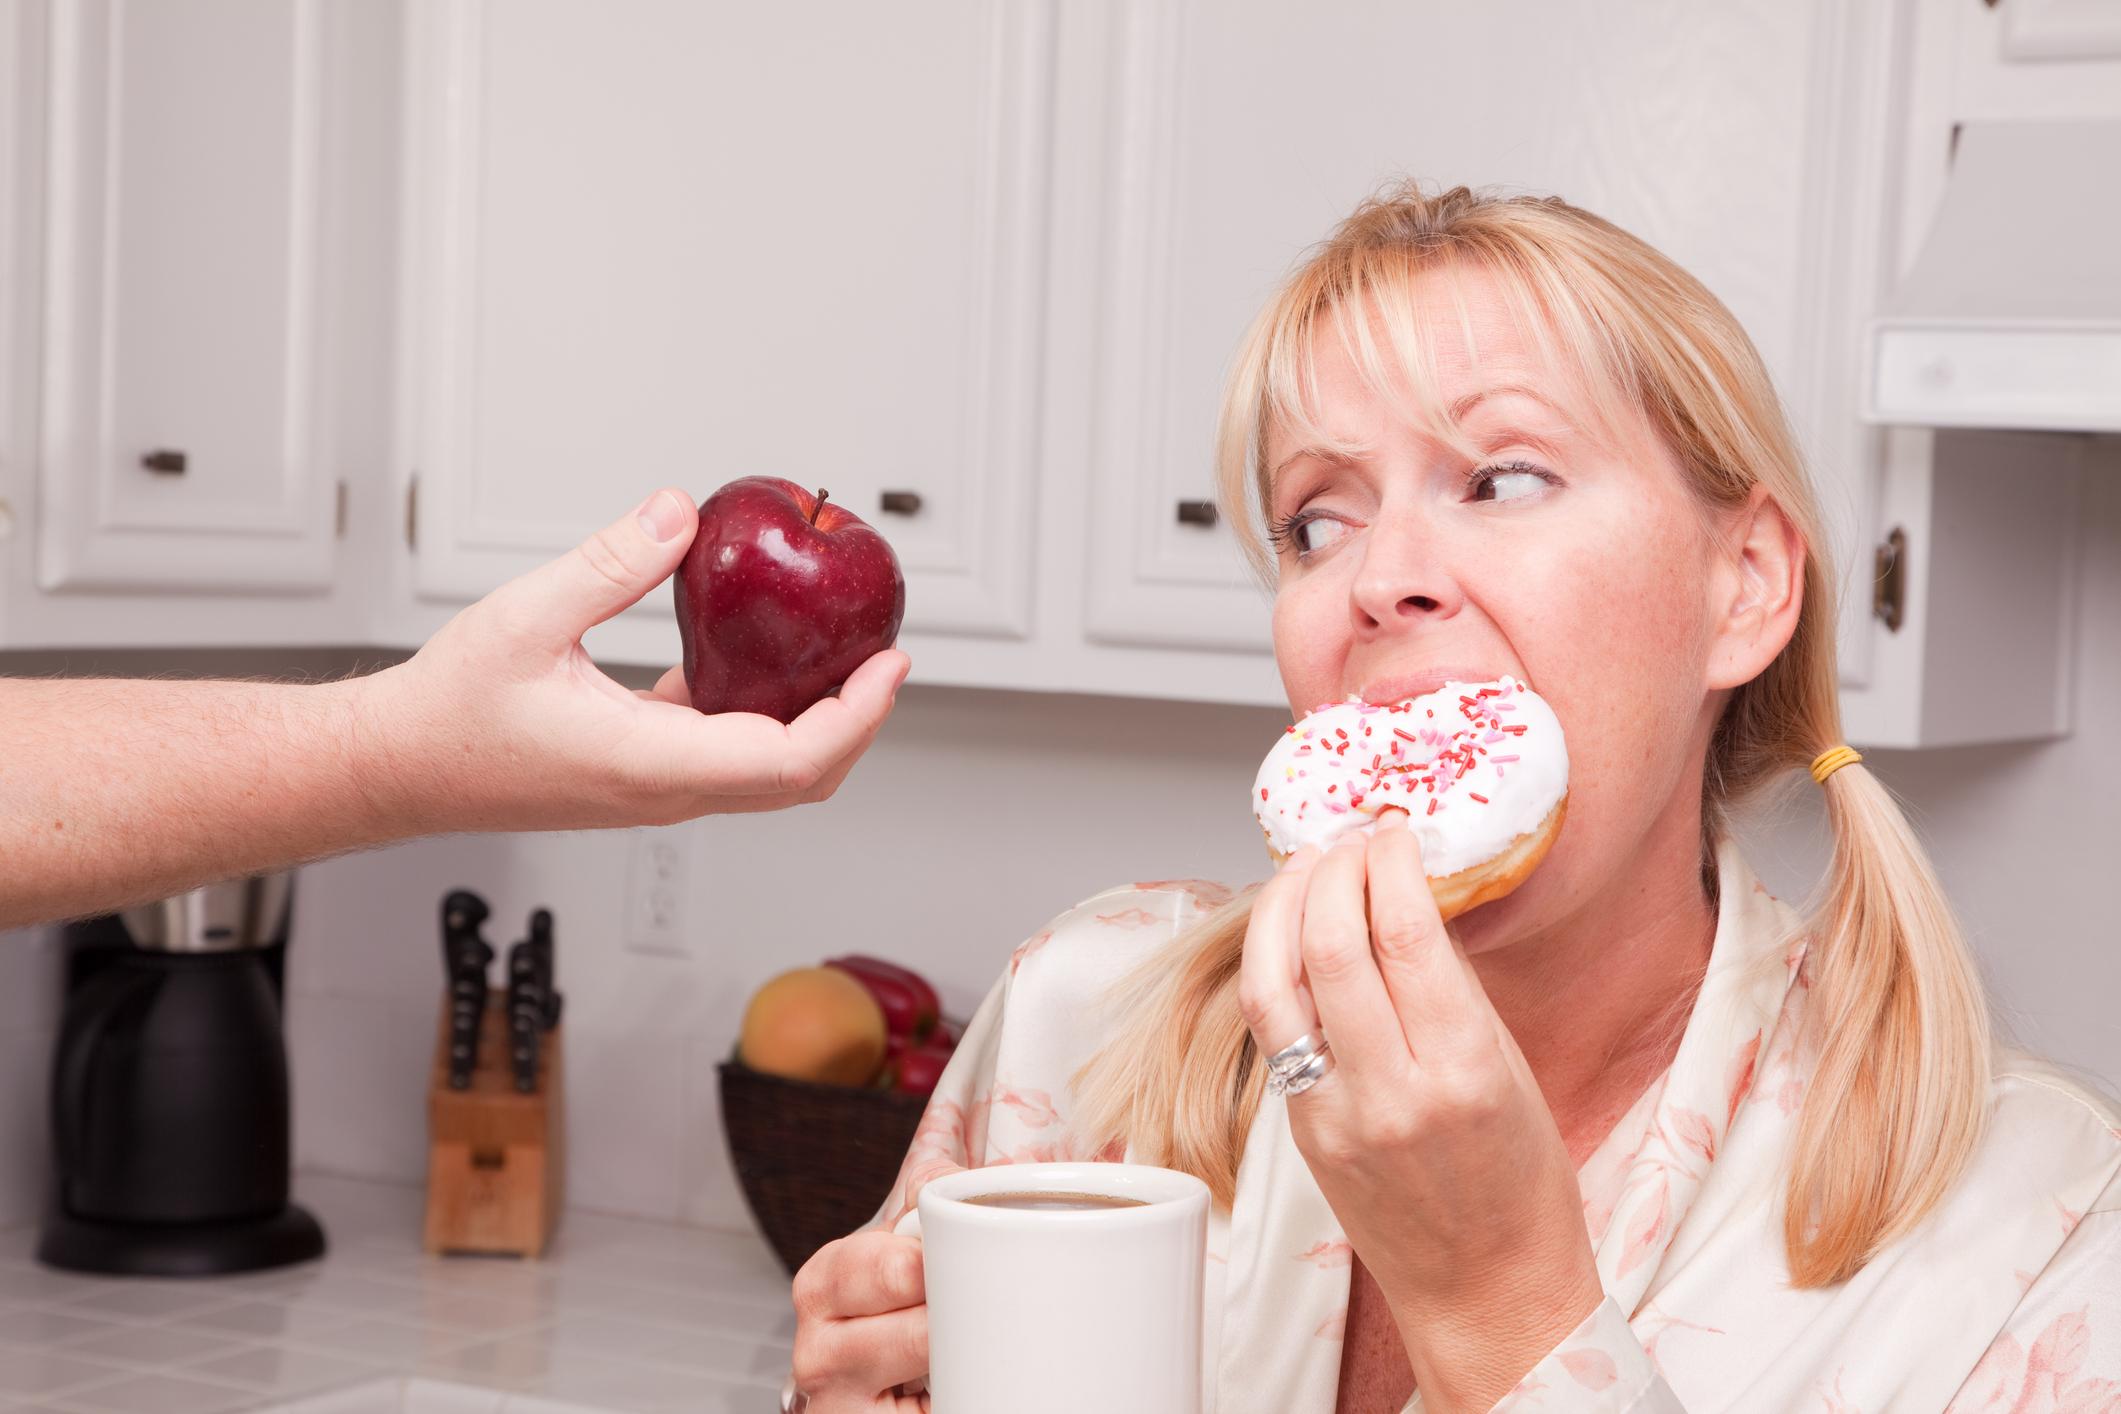 том, люди которые едят сладкое картинки найдем